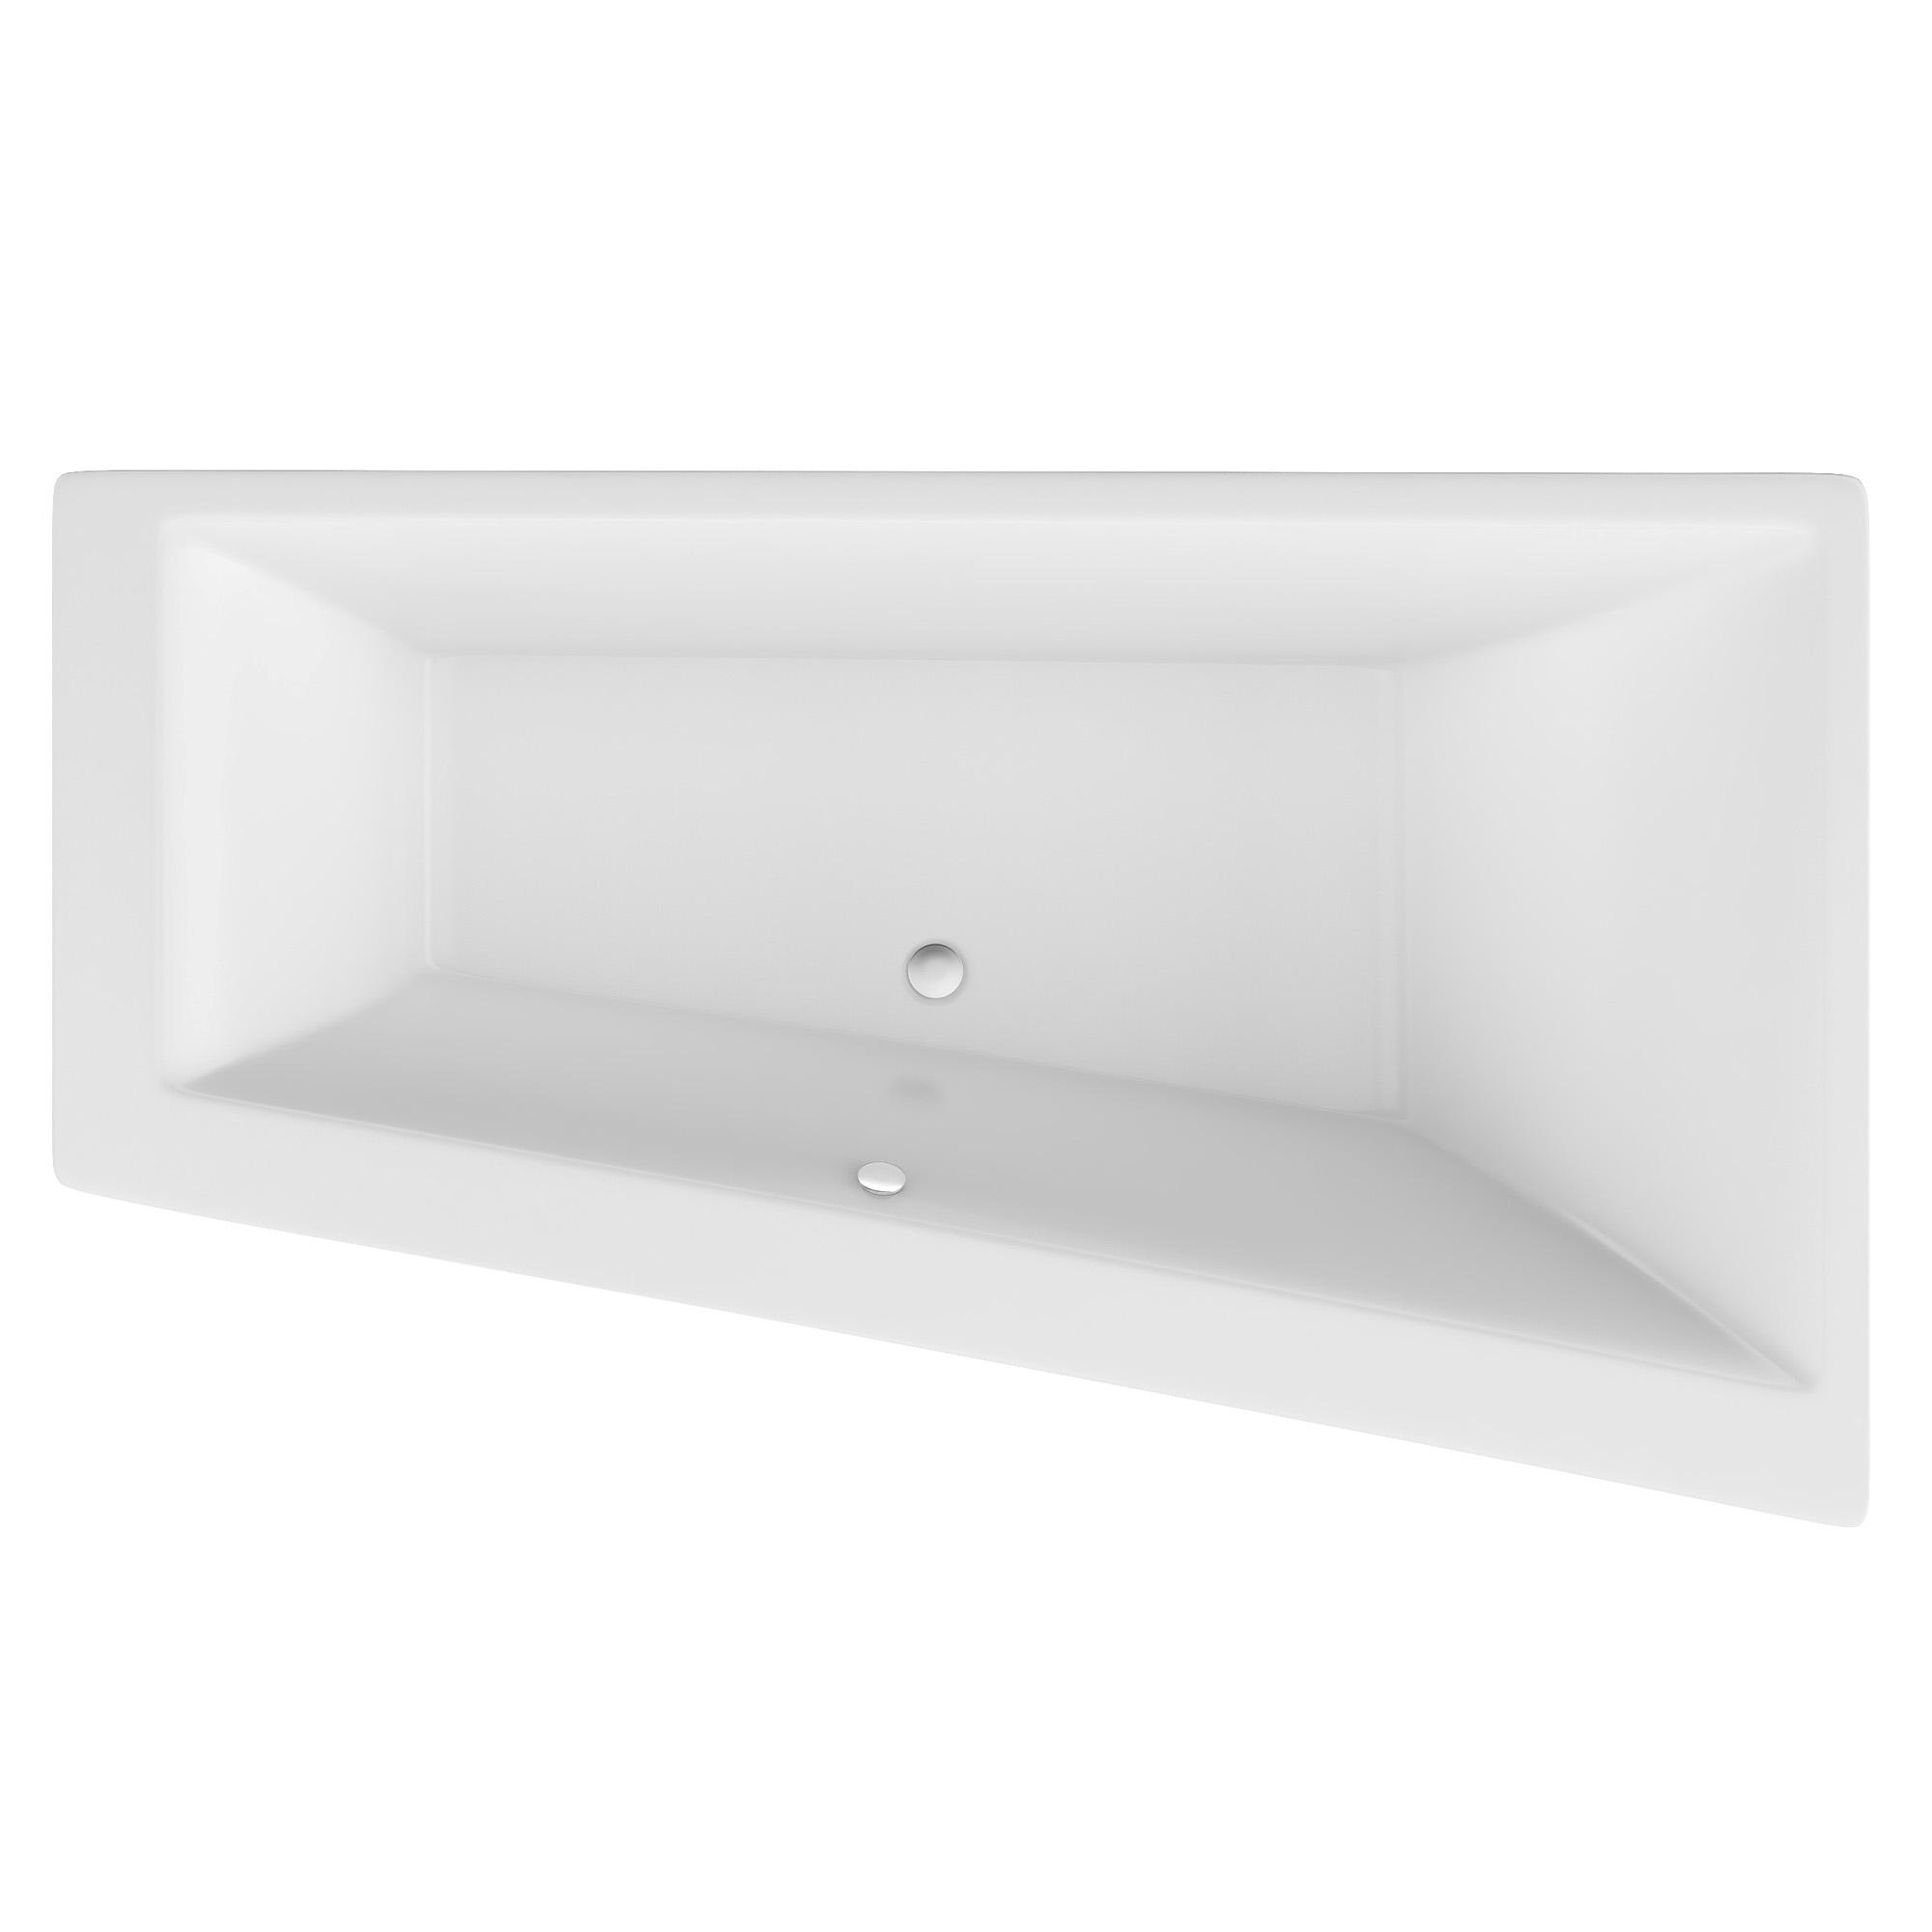 Акриловая ванна Excellent Sfera Slim 170x100 правая цена